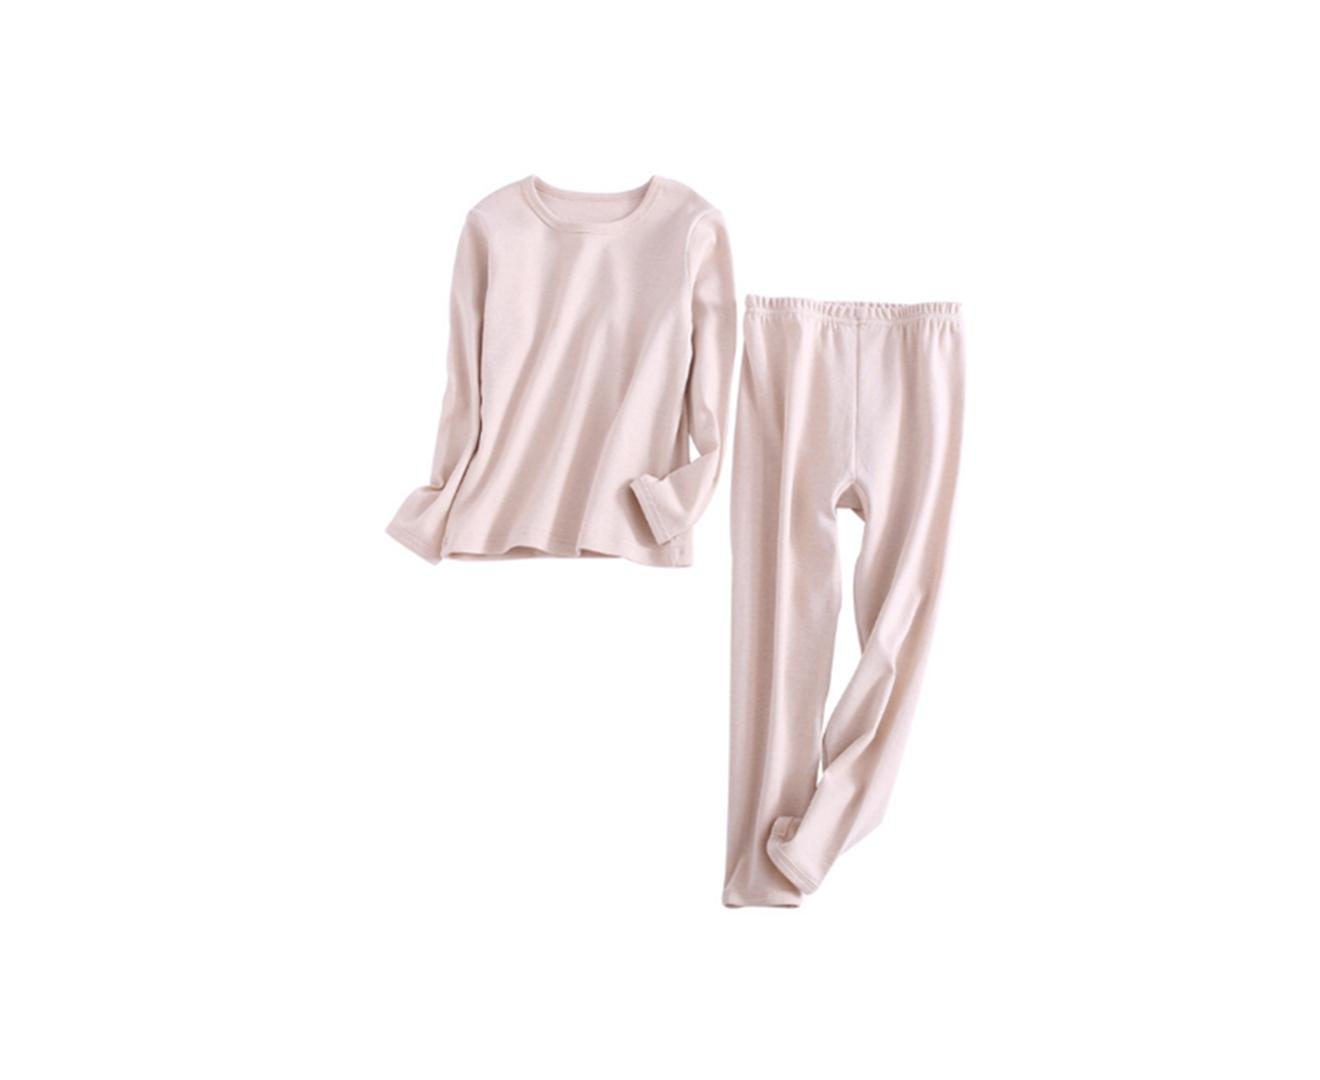 2PCS Unisex Underwear Suit Cotton Long Sleeve Suit - 1